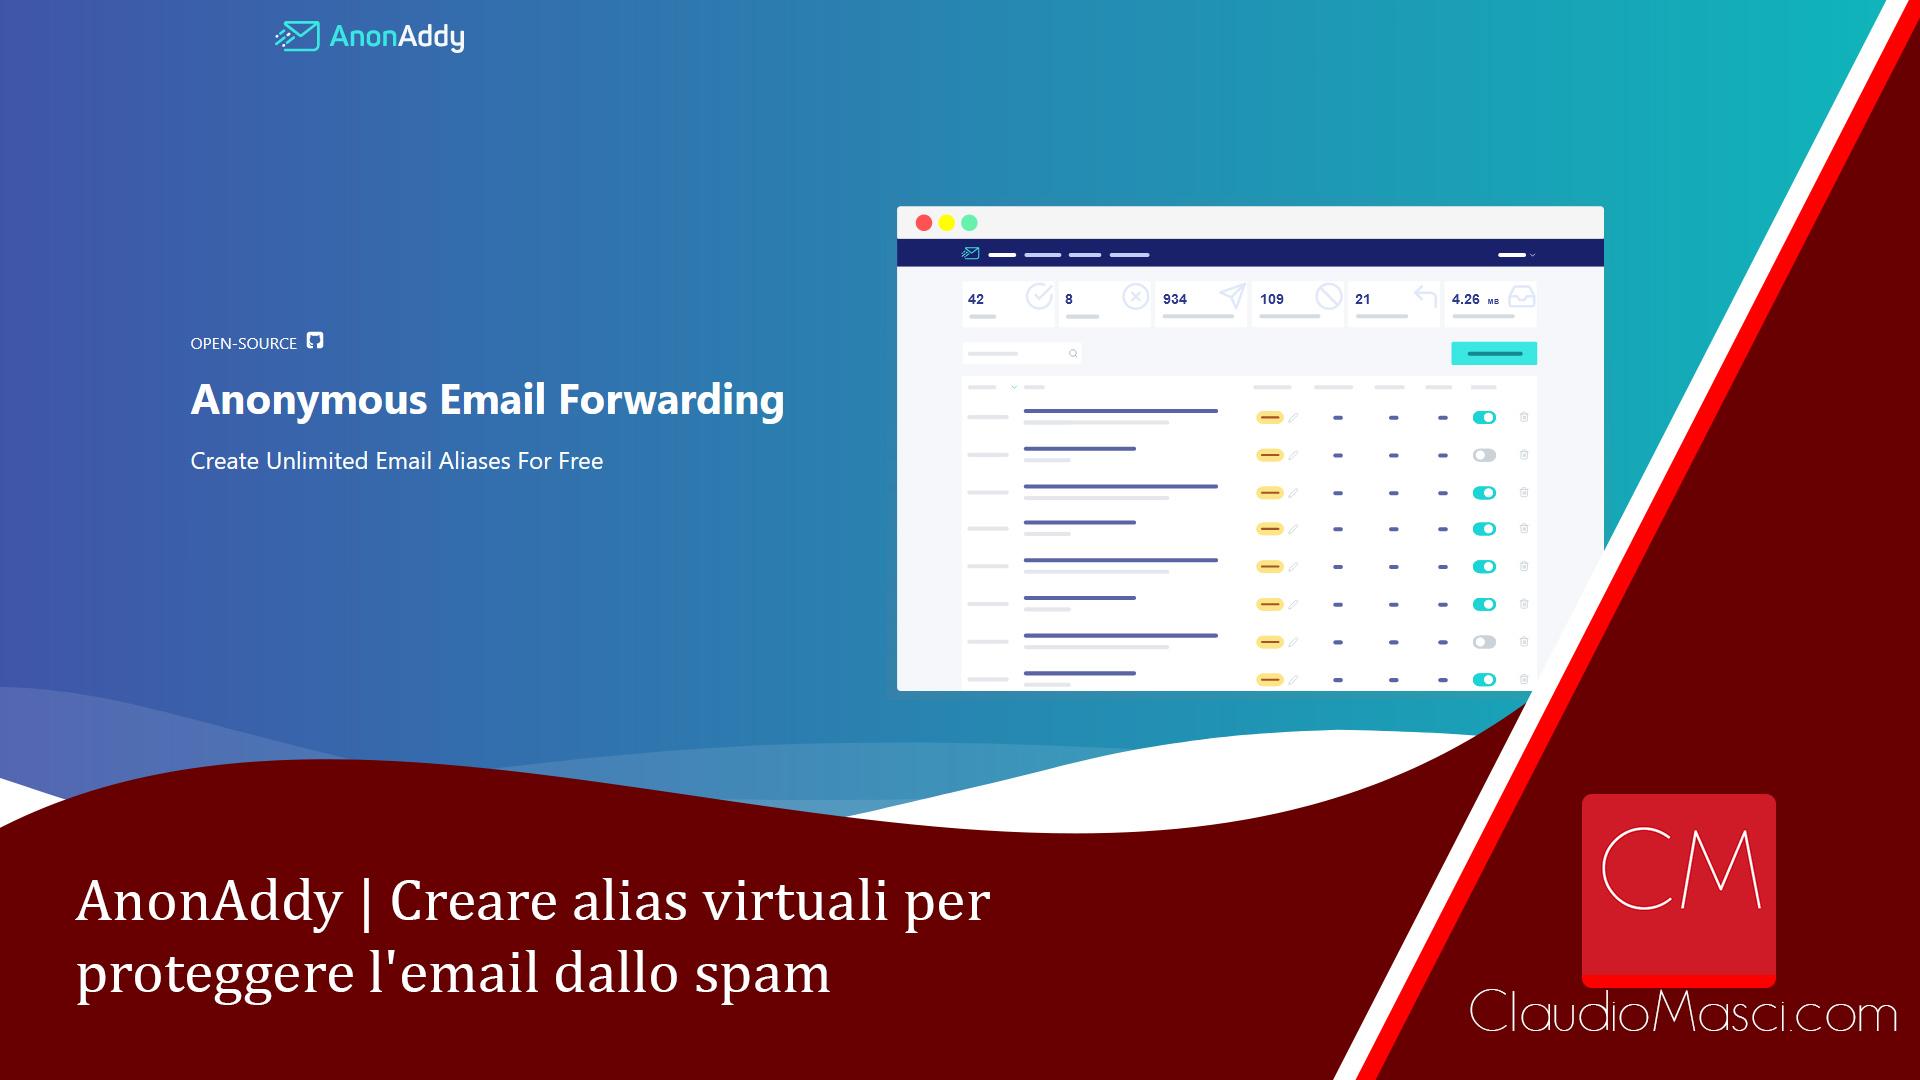 AnonAddy – Creare alias virtuali per proteggere l'email dallo spam